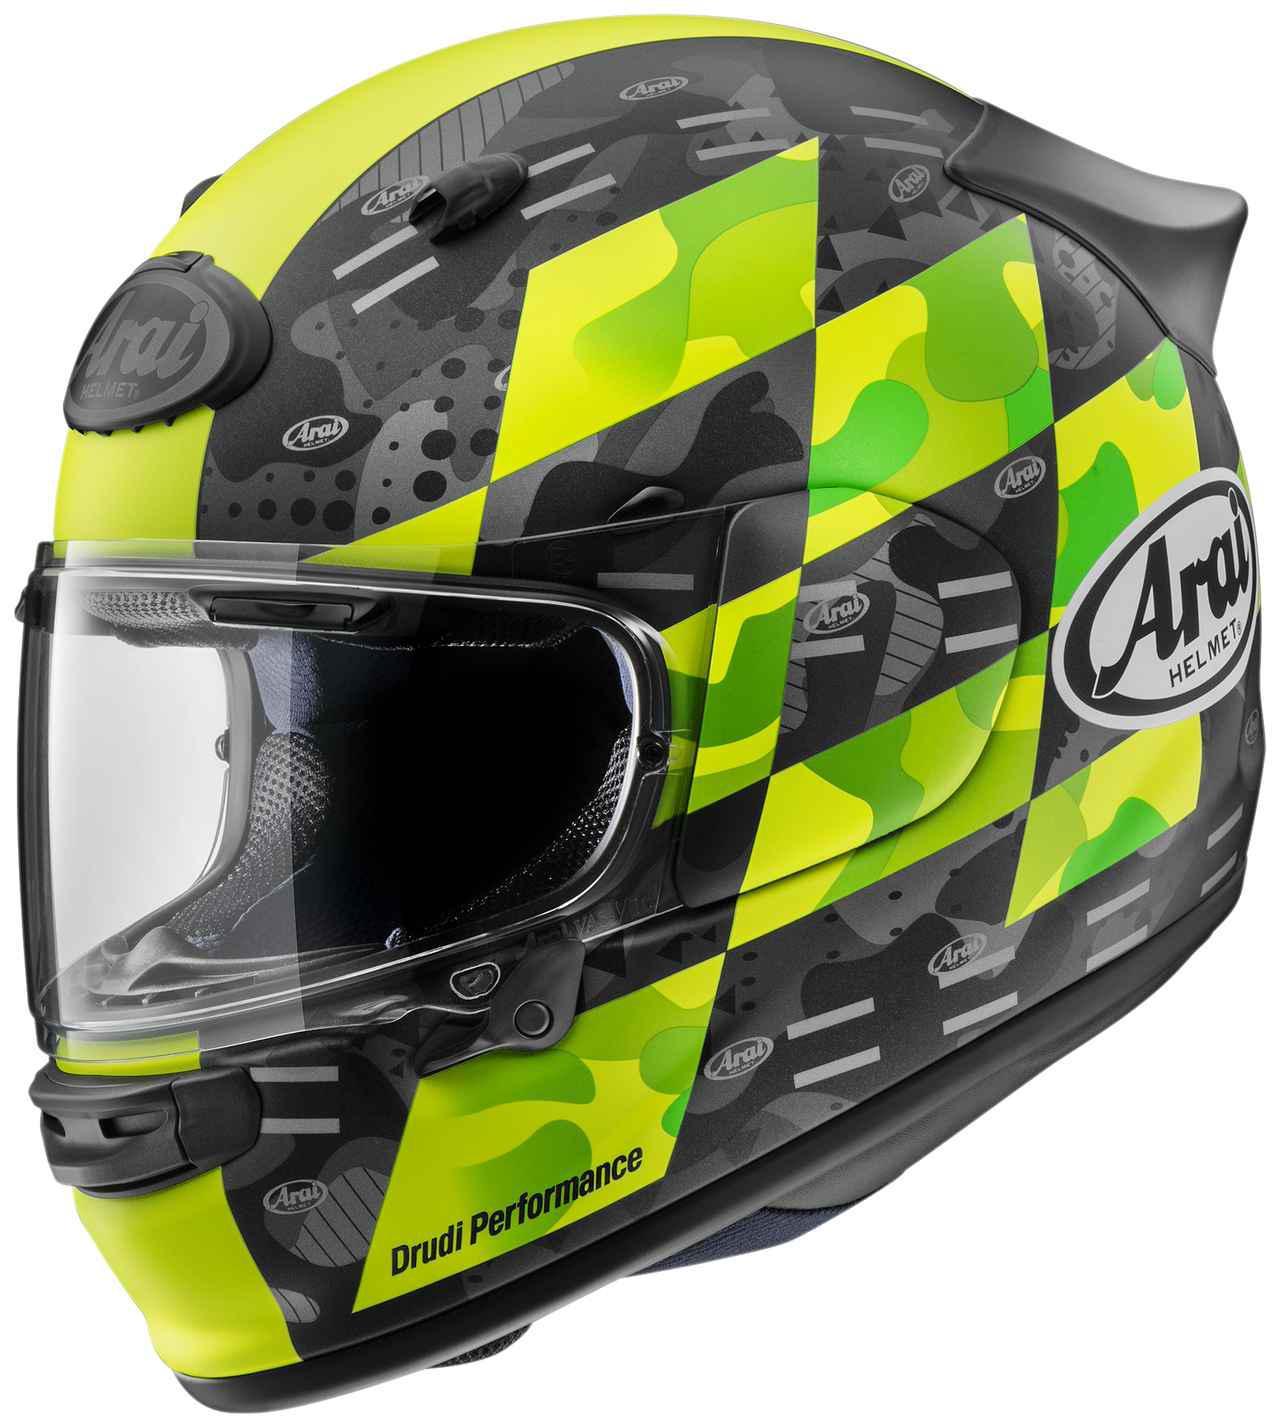 画像3: アライの最新ヘルメット・アストロGXに新たなグラフィックモデル「チェッカー」が登場! カラーは3色の設定